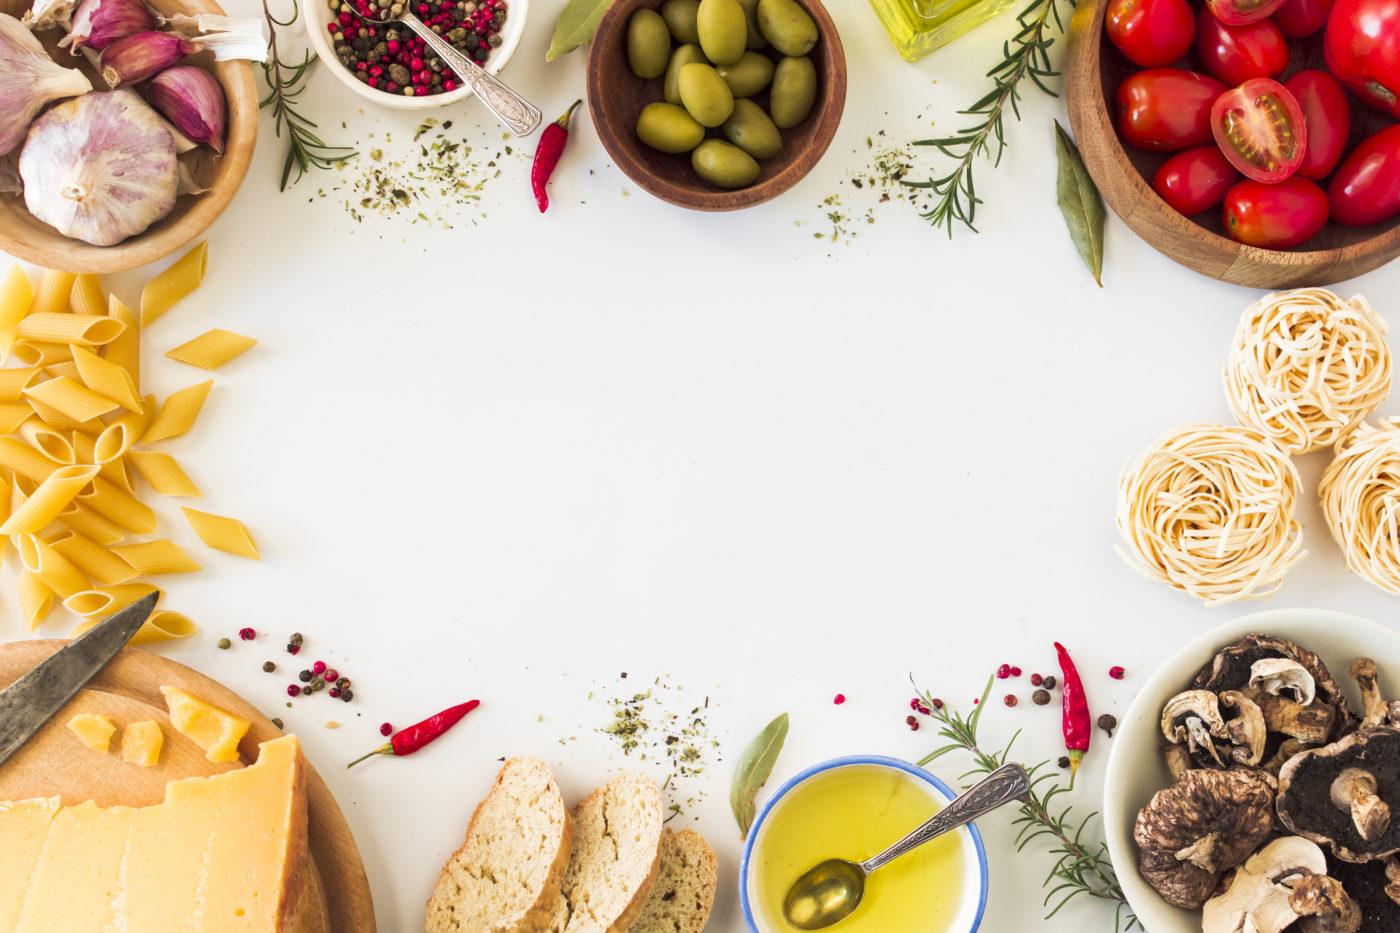 Conseils nutrition Uberti : qu'est ce qu'est une alimentation équilibrée